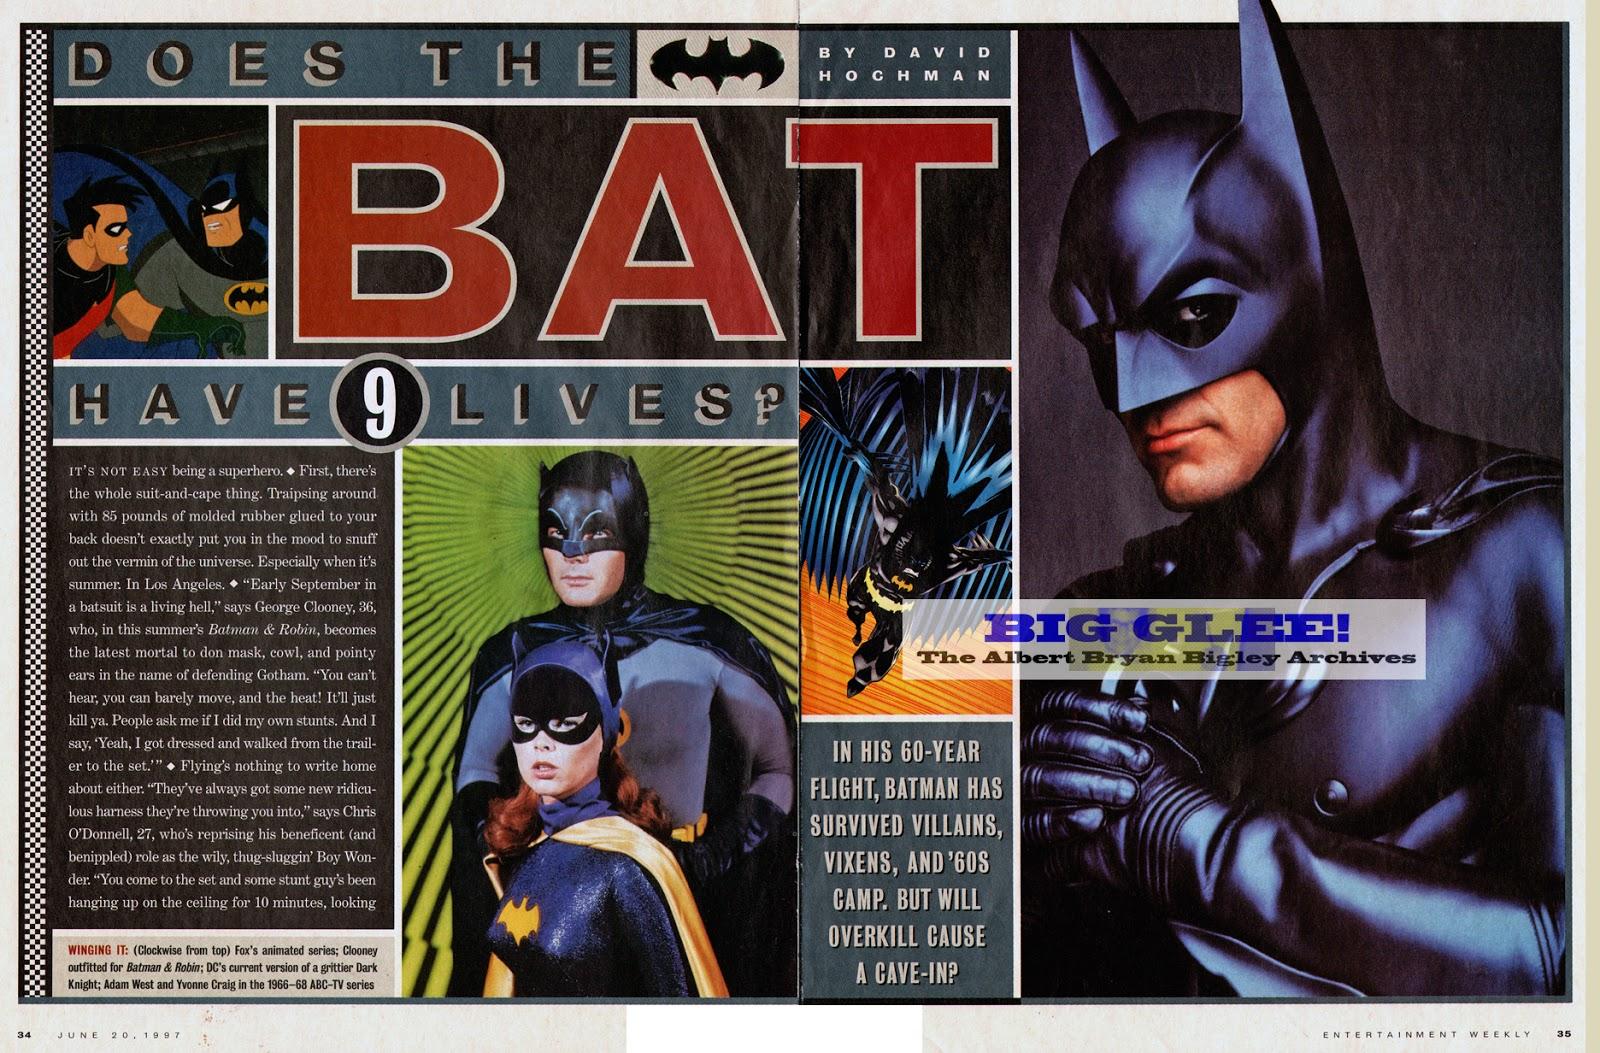 http://1.bp.blogspot.com/-EhTa3bF1YfQ/UNRyyOSRqPI/AAAAAAAAMKo/UwOWgr7hdFk/s1600/batman+and+robin+1997+entertainment+weekly+dc+comics+batgirl+robin+1966+adam+west+yvonne+craig+batgirl+animated+george+clooney+robin+silver+age+.jpg